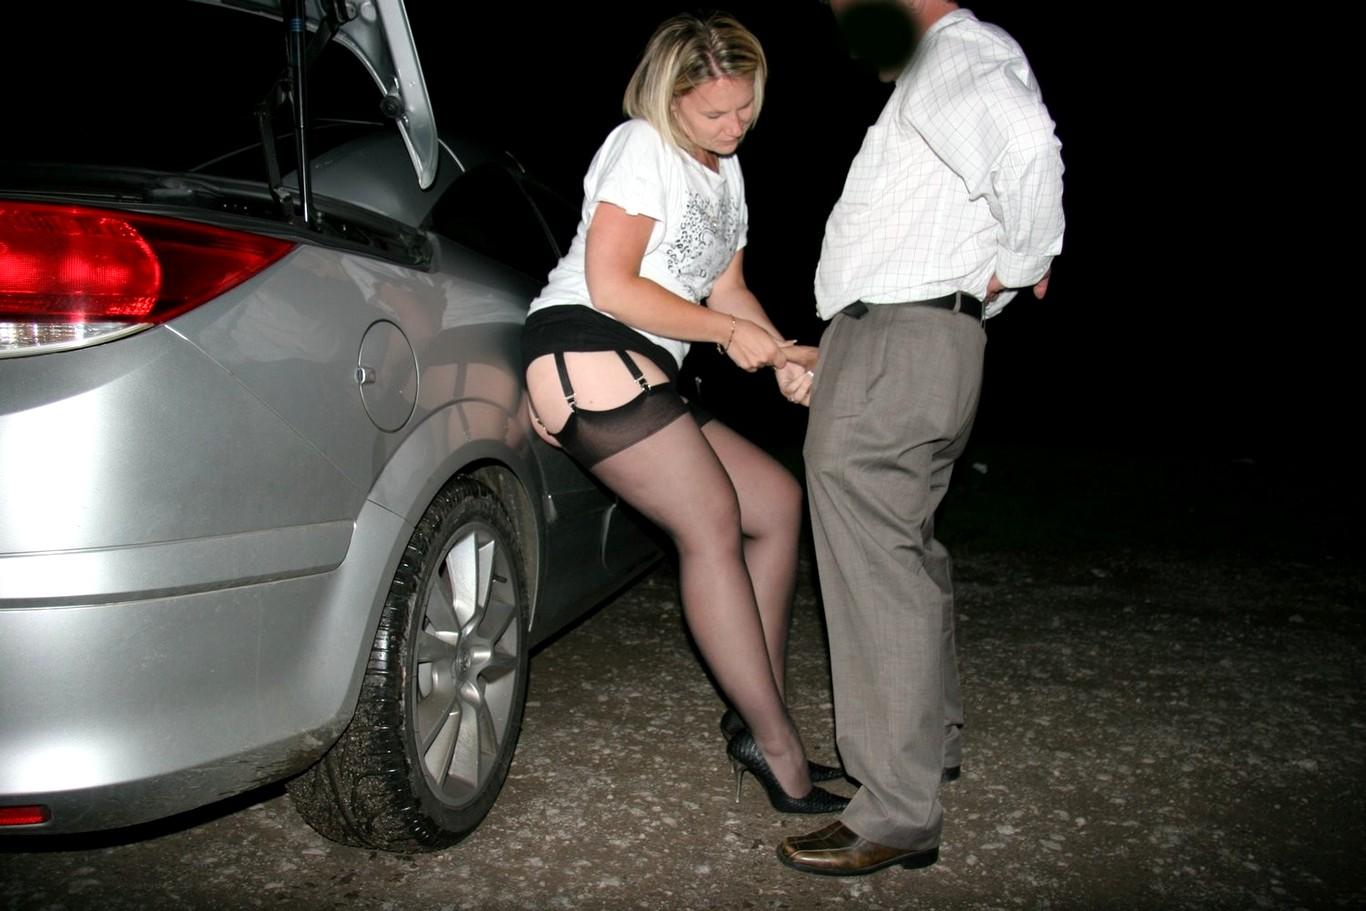 проститутка на машине